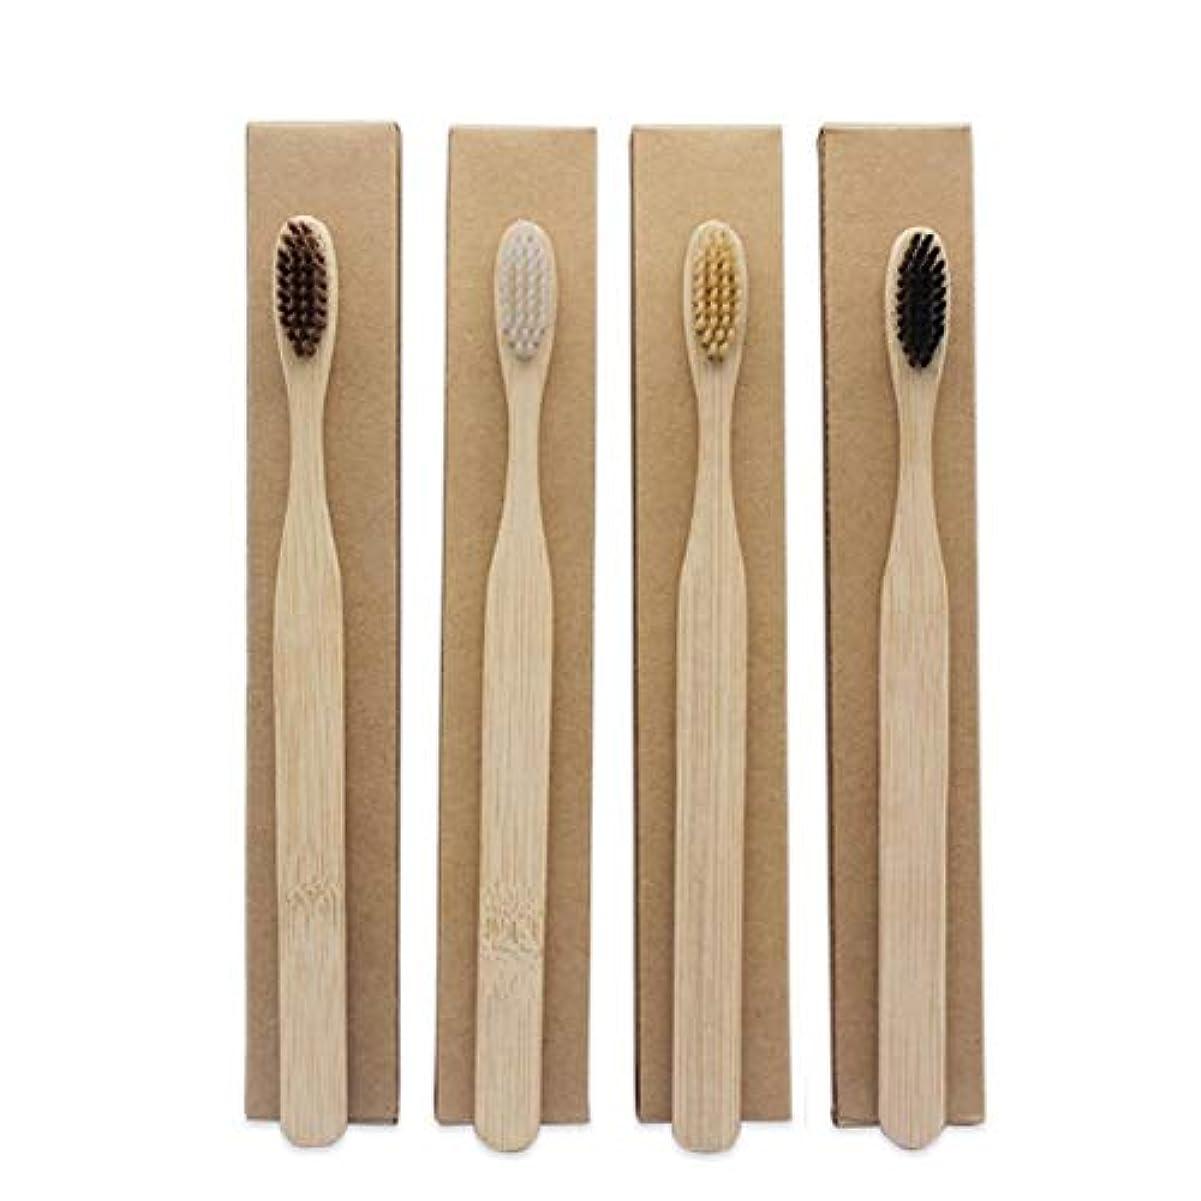 静かな大胆不敵フロー1st market プレミアム品質竹歯ブラシオーラルケアエコソフトパック4個